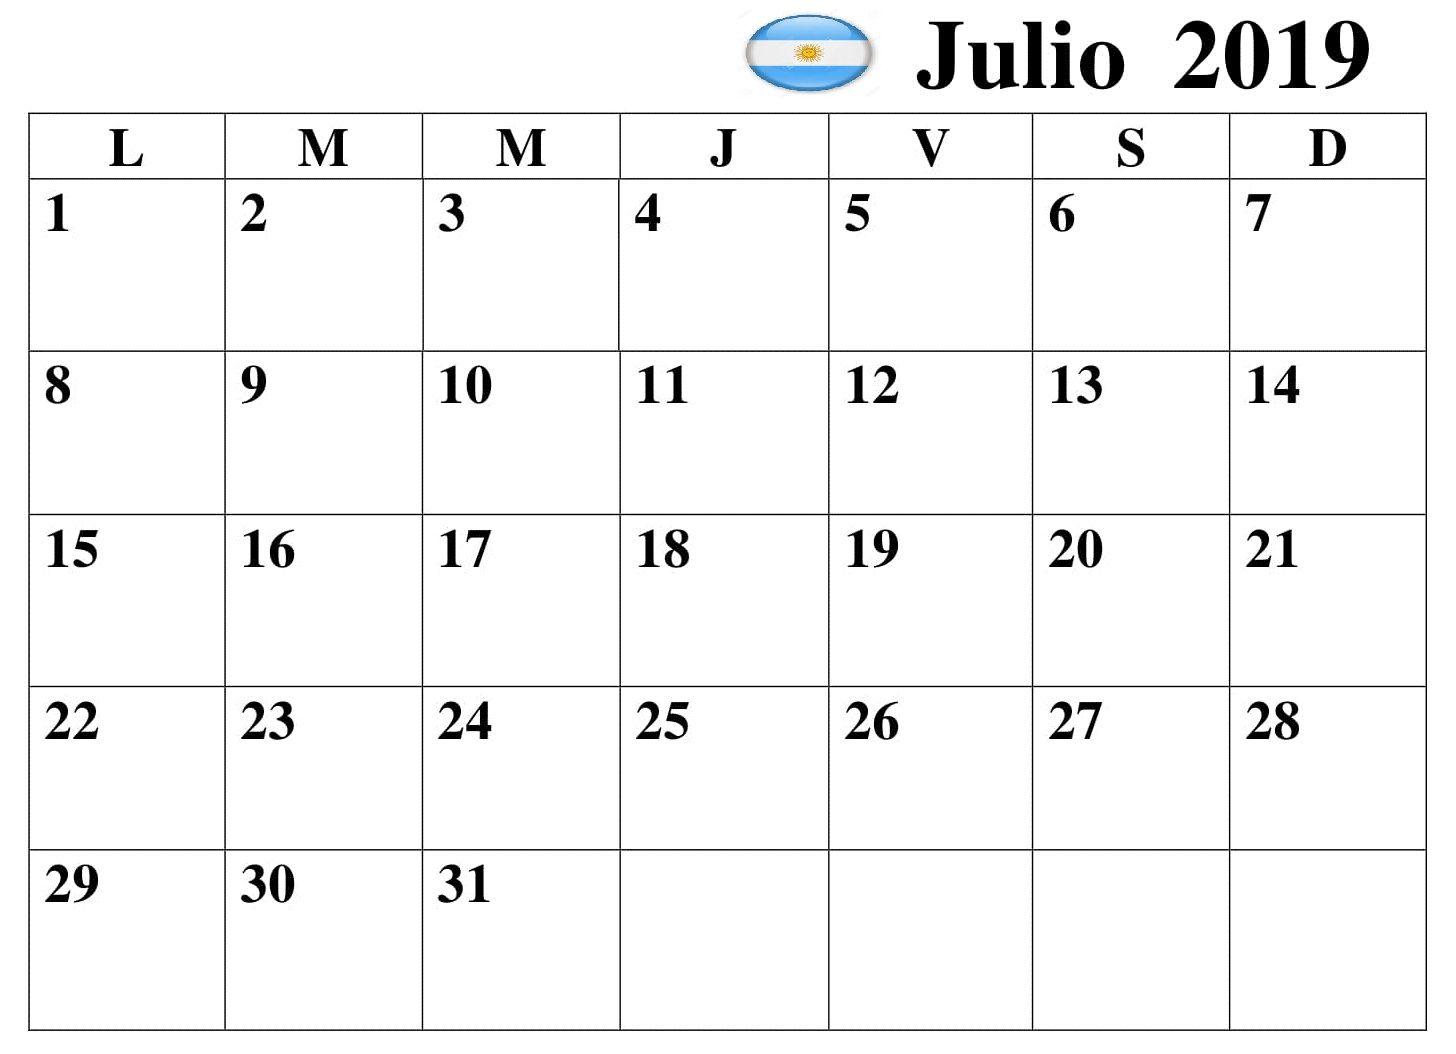 Julio Calendario 2019.Julio Calendario 2019 Argentina Pdf Calendario Julio 2019